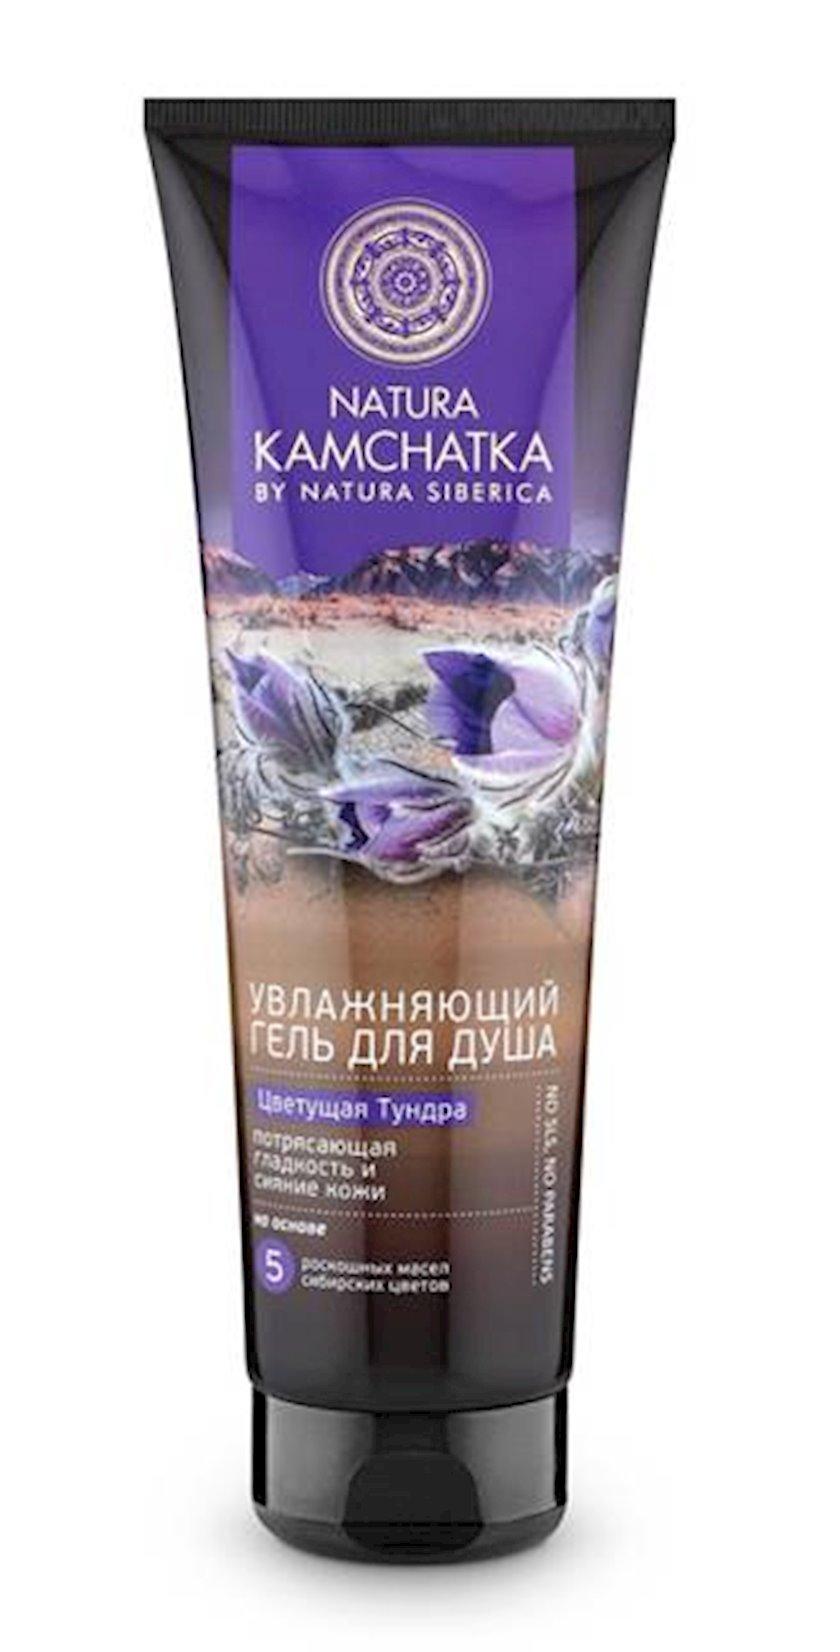 Duş üçün gel Natura Siberica Kamchatka Çiçəklənən tundra, 250 ml